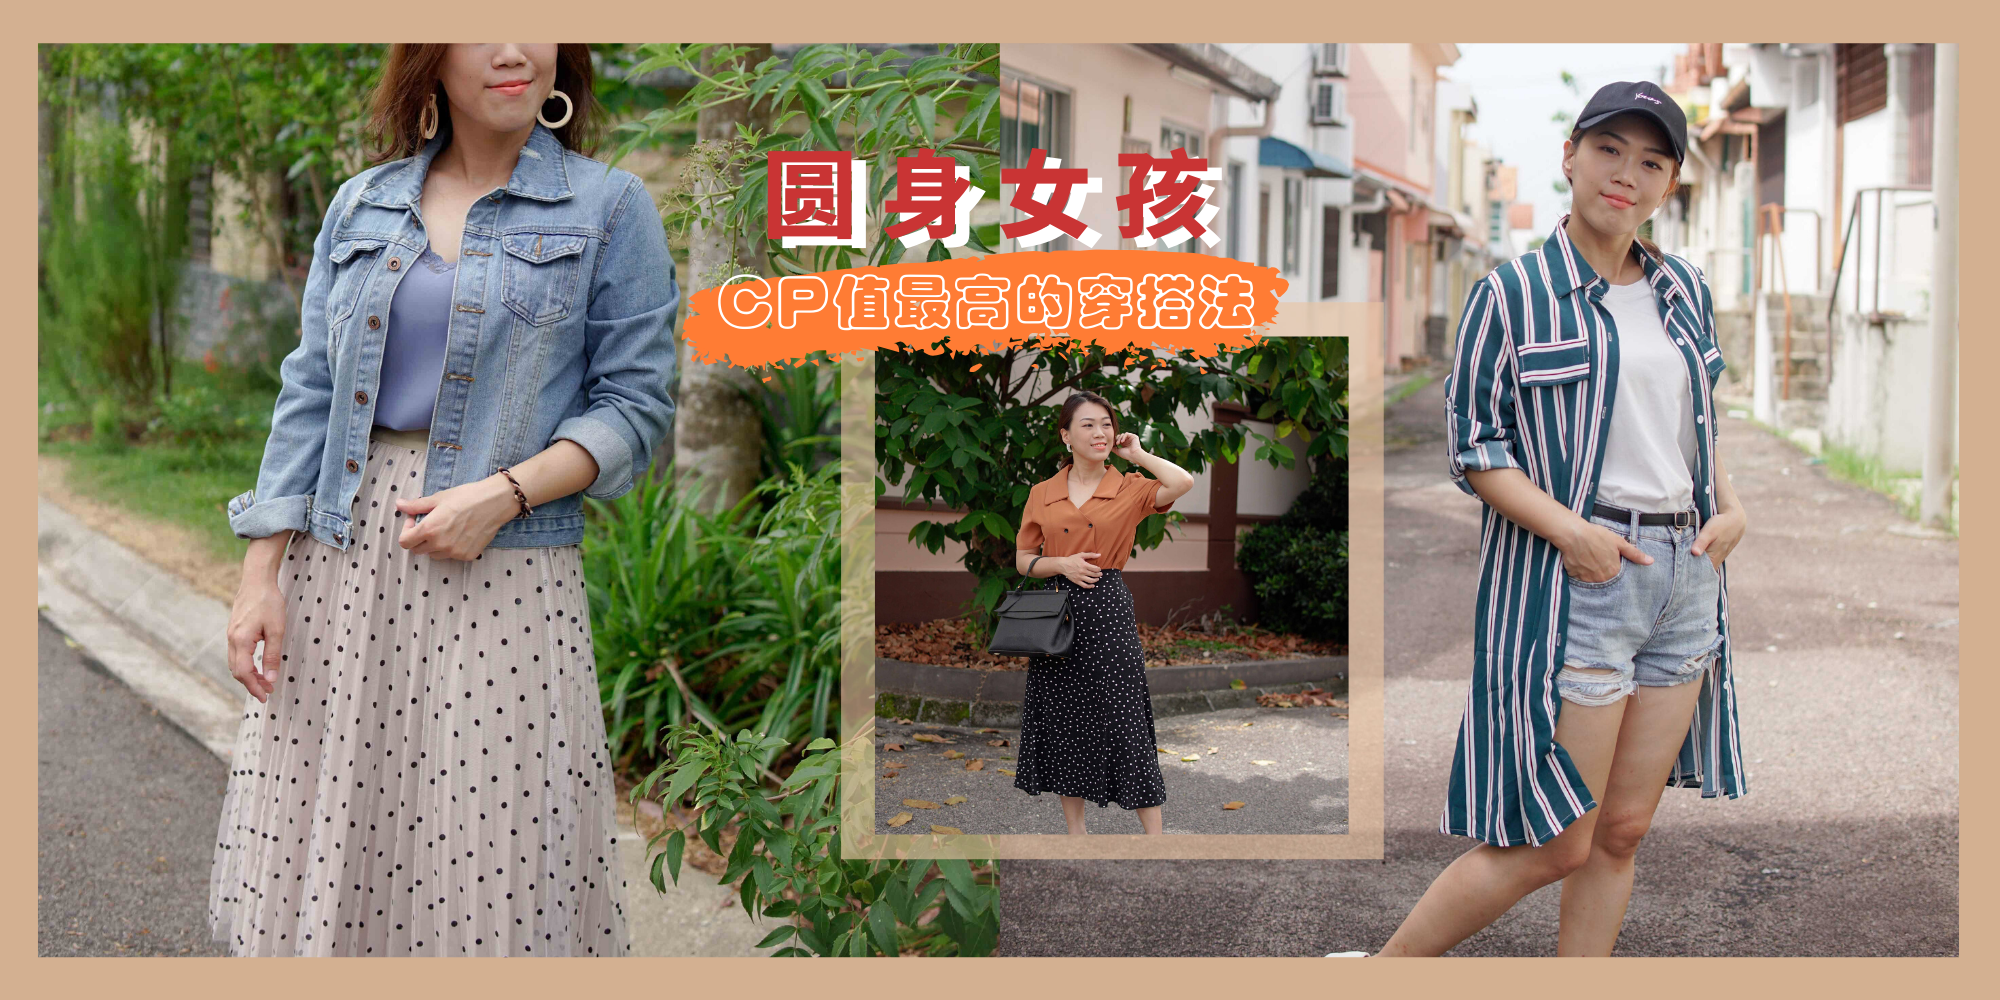 【穿搭】一衣多穿,发挥最大CP值!圆身女孩一秒就能掌握的搭配技巧 ♡